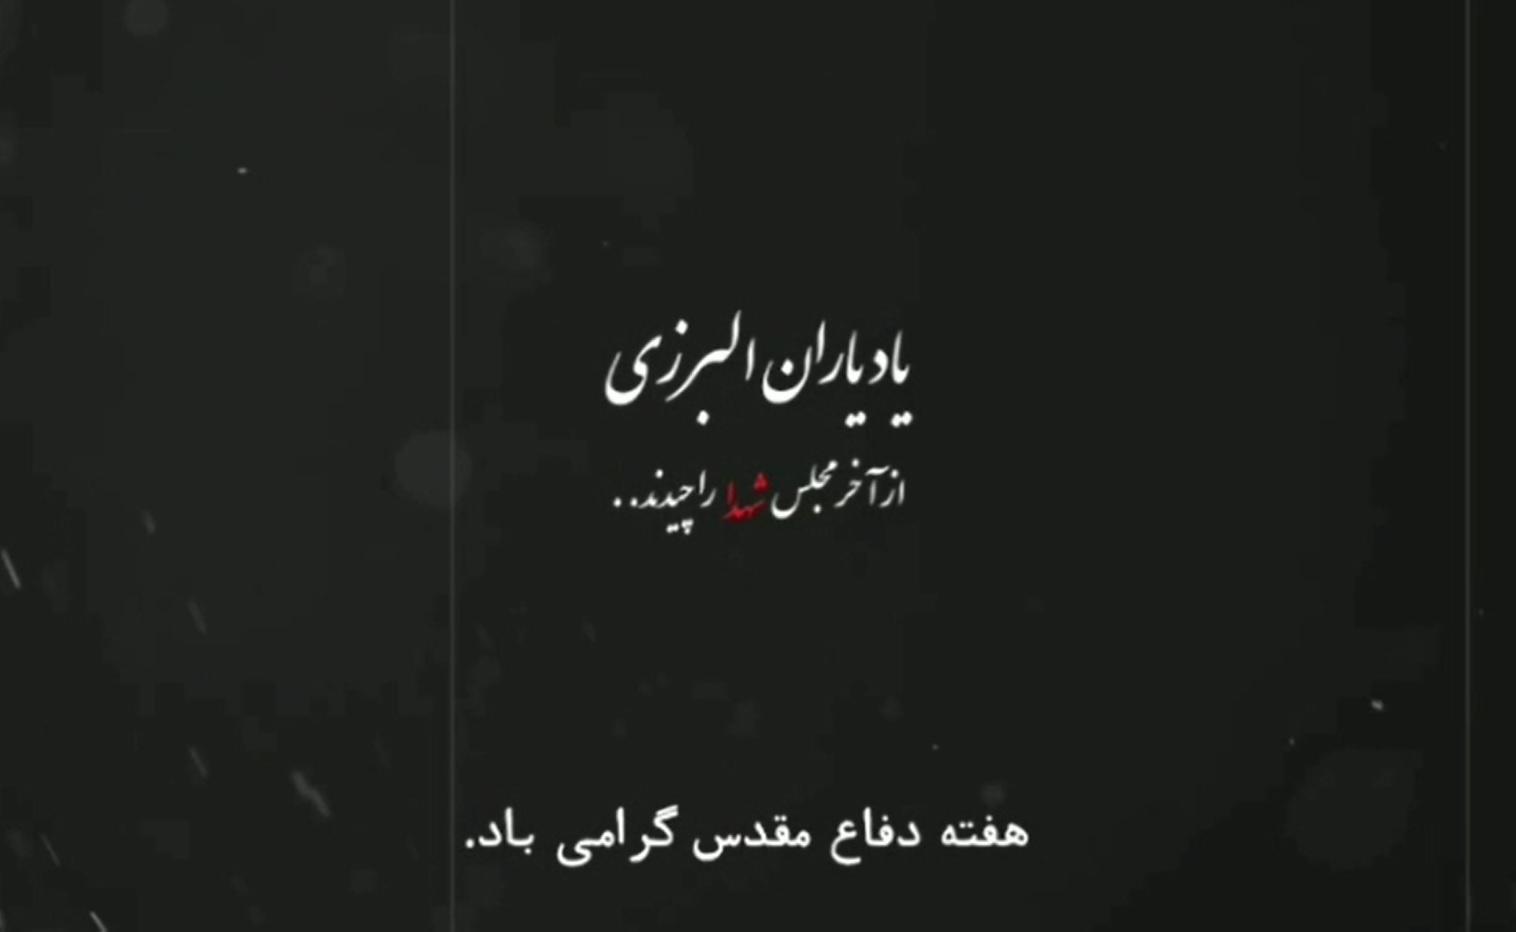 یادیاران البرزی / هفته دفاع مقدس گرامی باد.